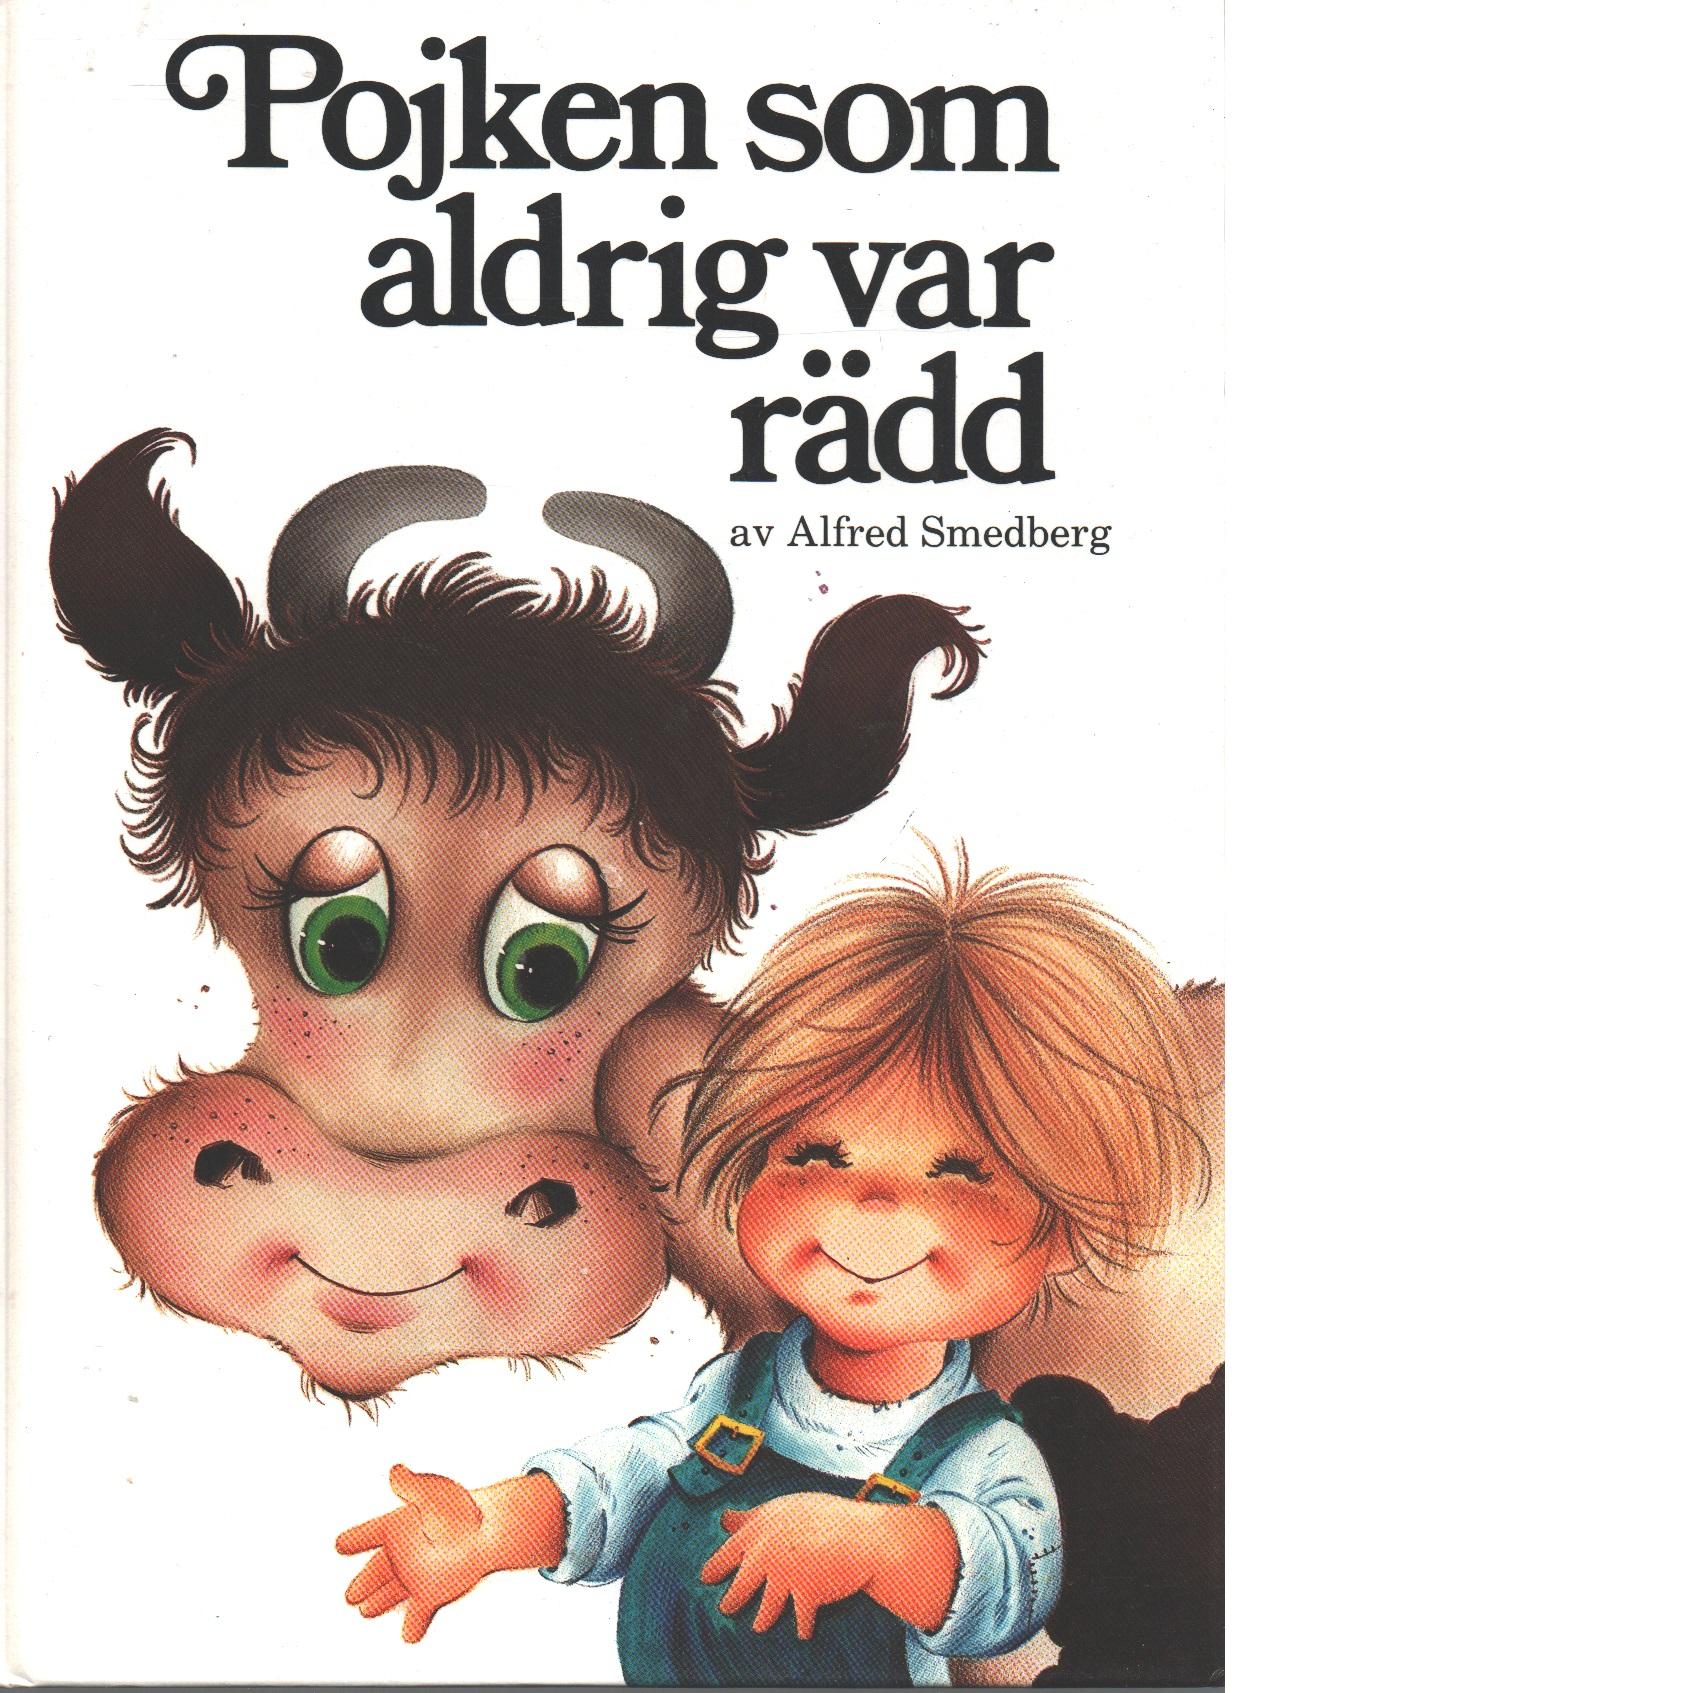 Pojken som aldrig var rädd - Smedberg, Alfred